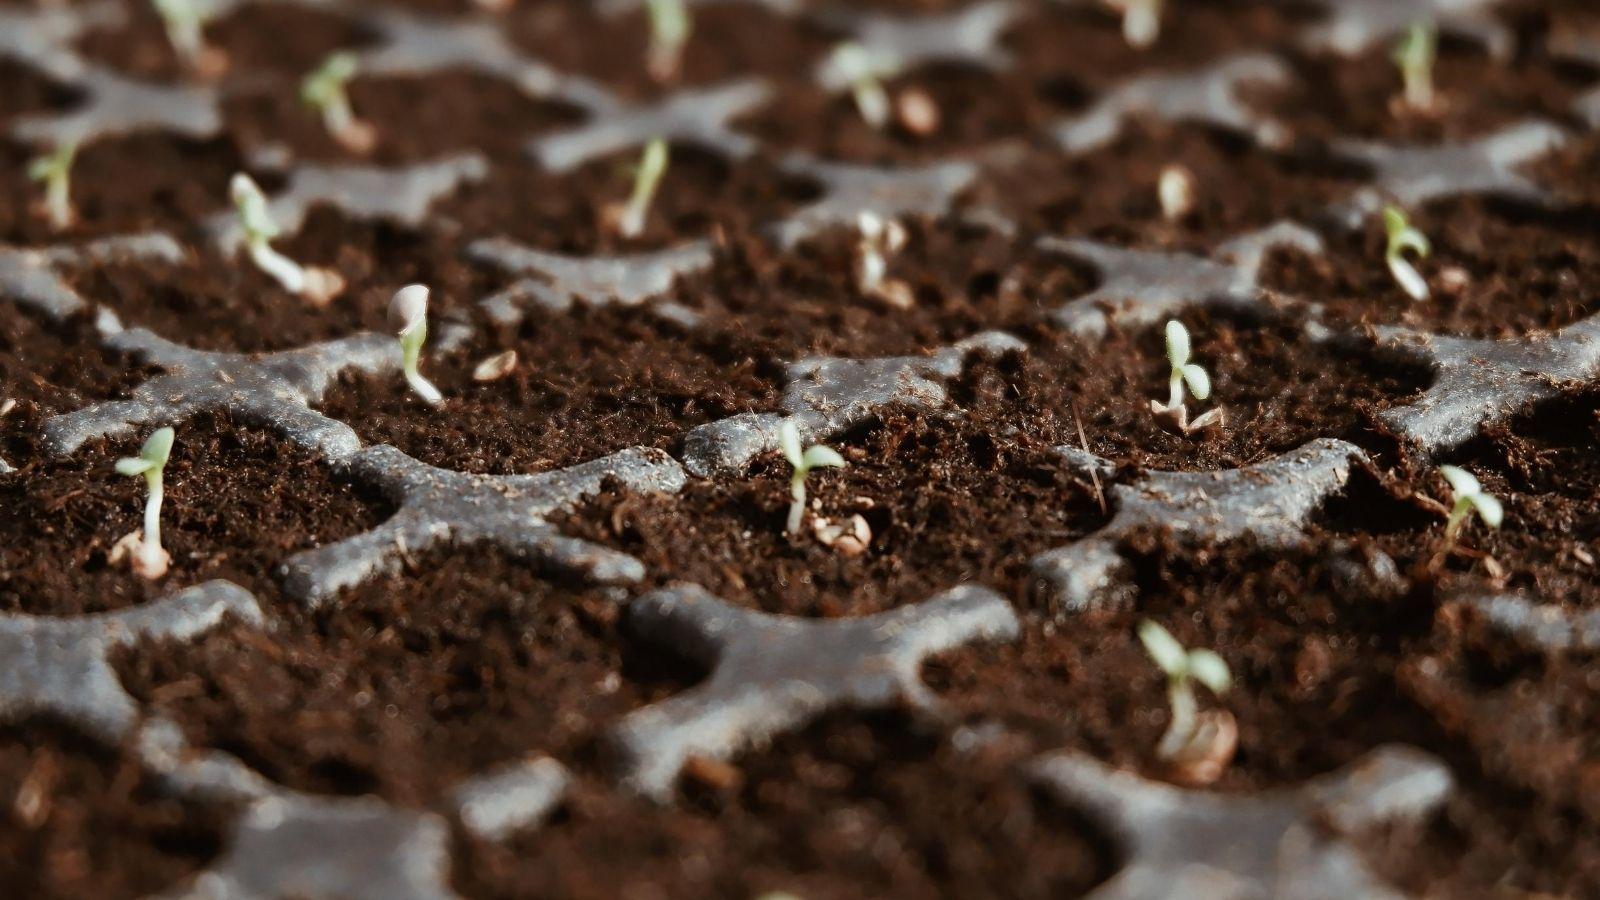 Seedlings growing in a seedling tray